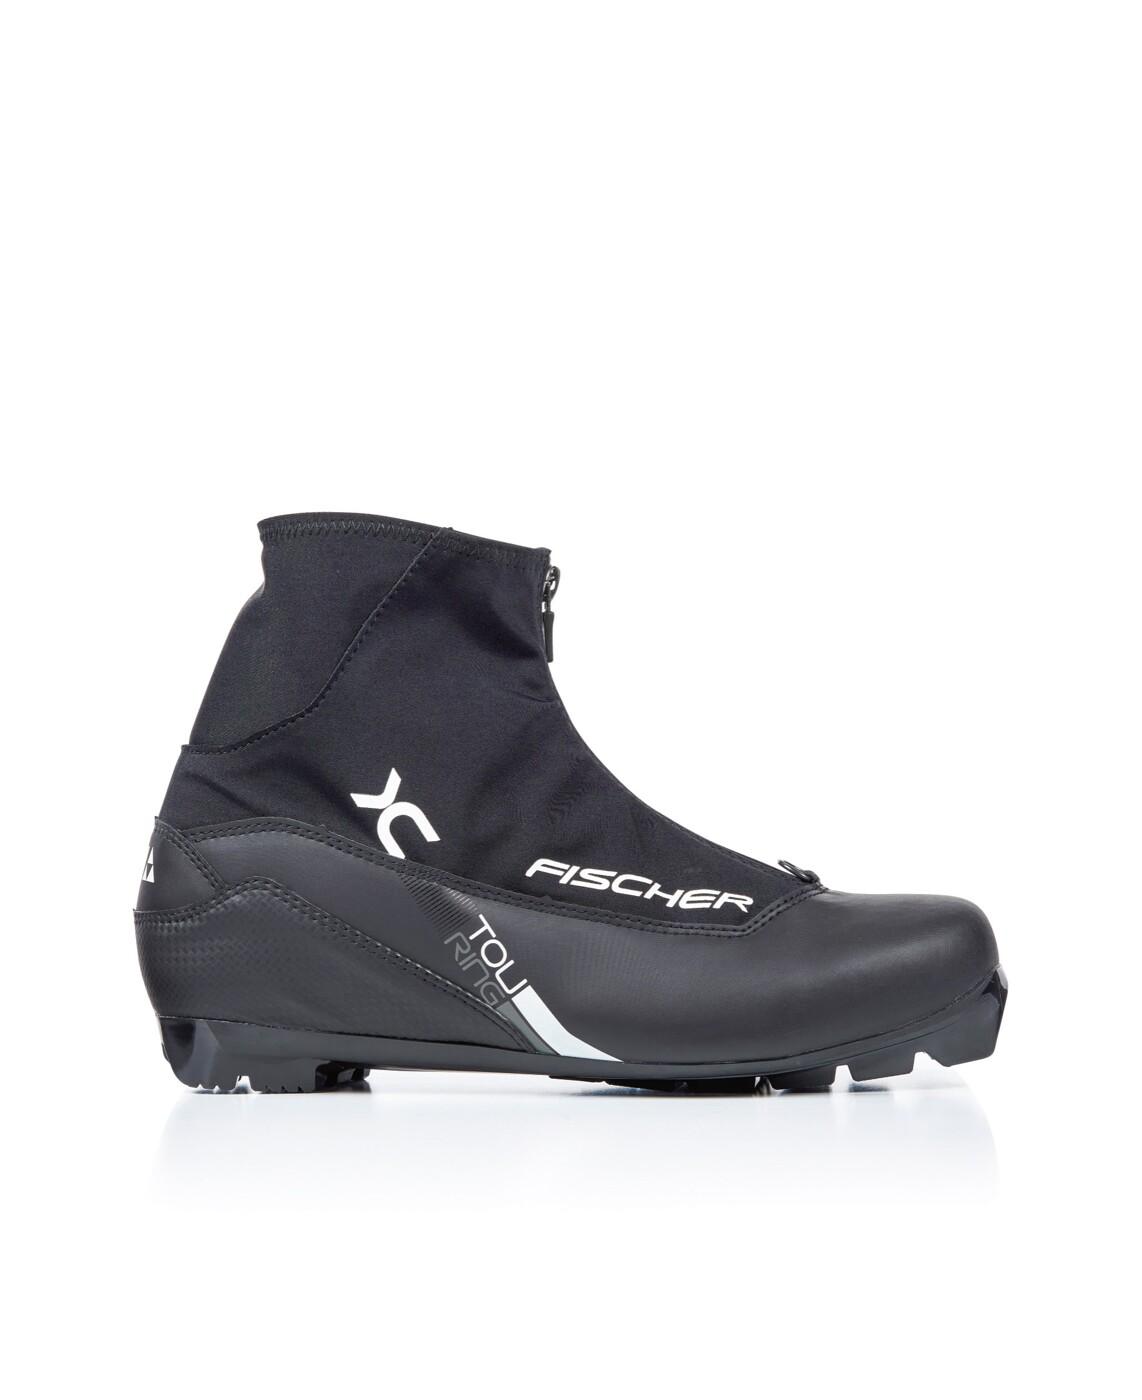 FISCHER Nordic Schuh XC TOURING - Herren